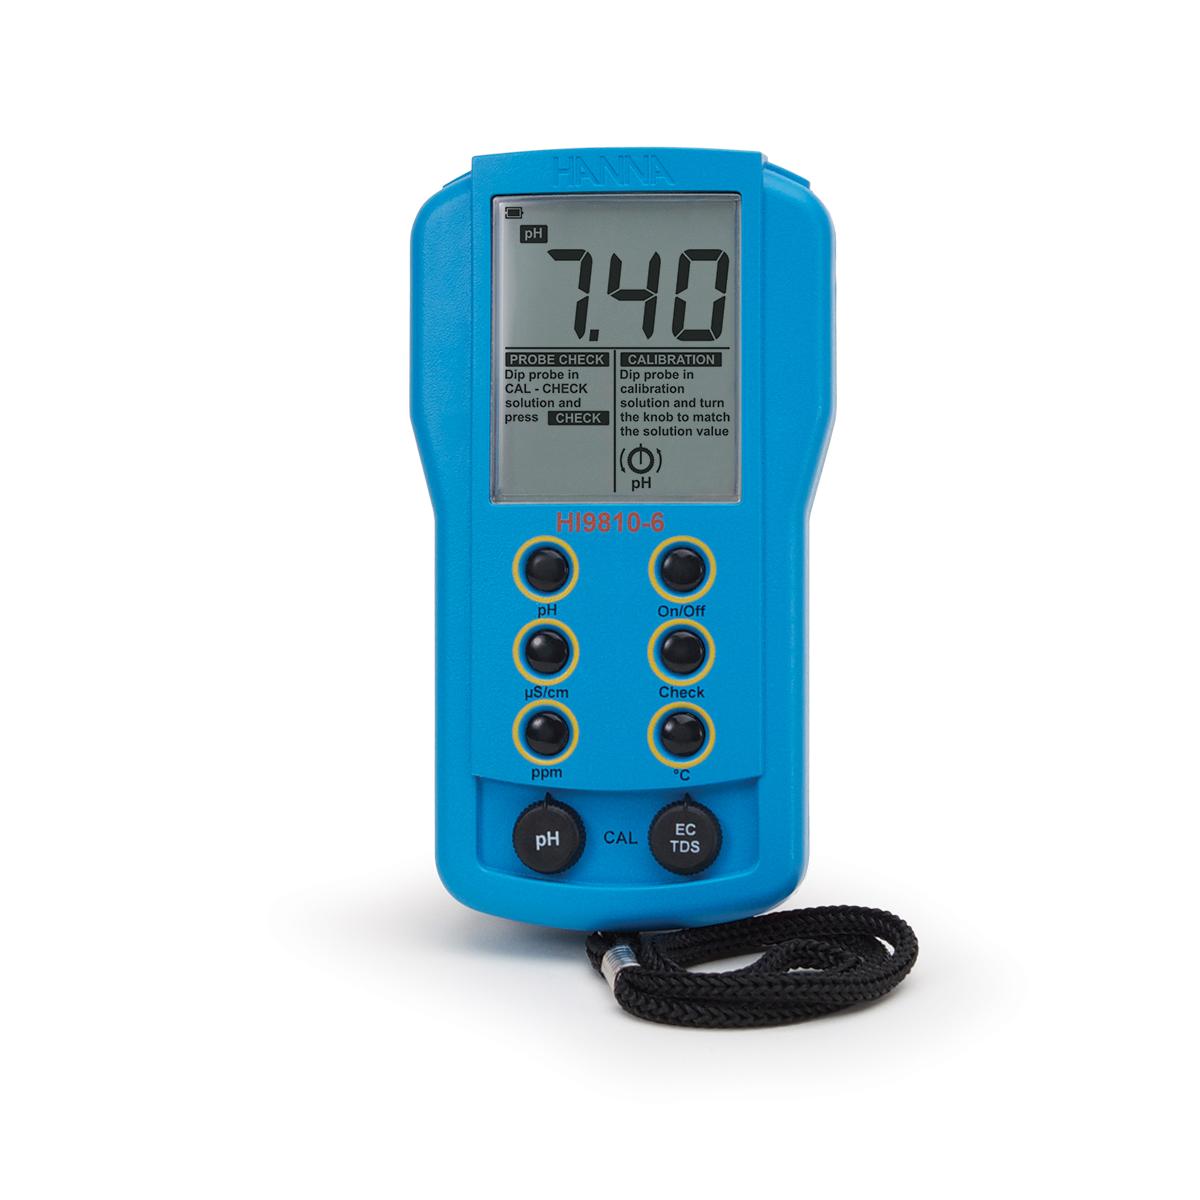 HI9810-6 Portable pH/EC/TDS Meter